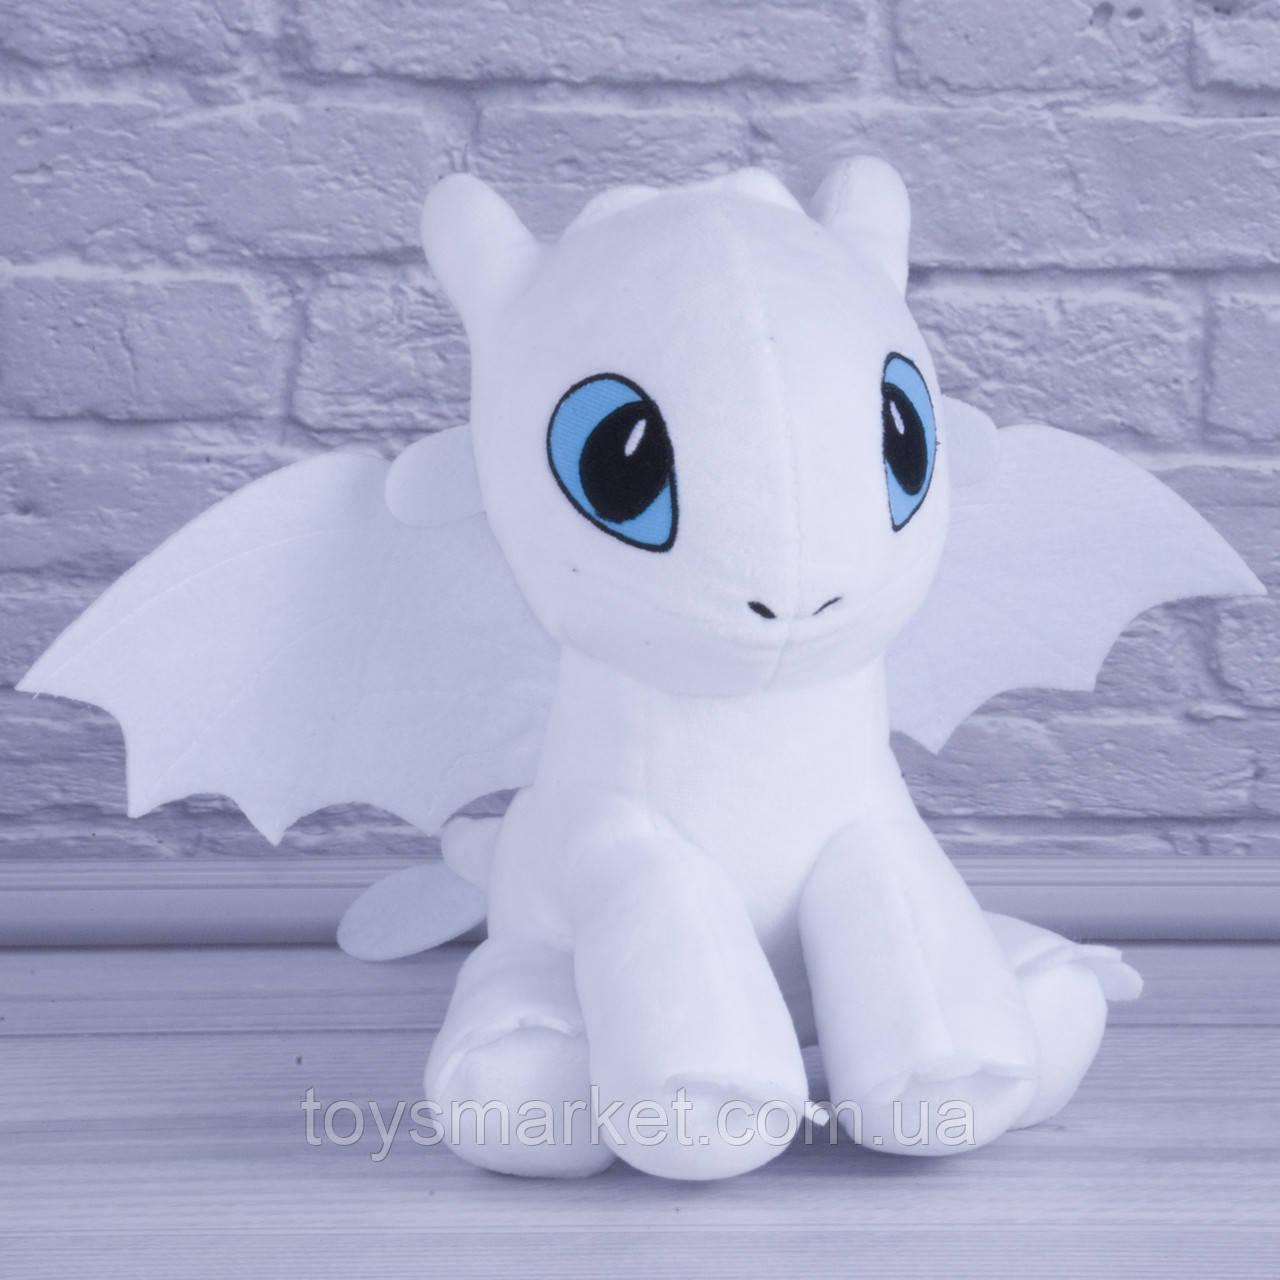 Мягкая игрушка Беззубик, Дневная Фурия, Как приручить дракона